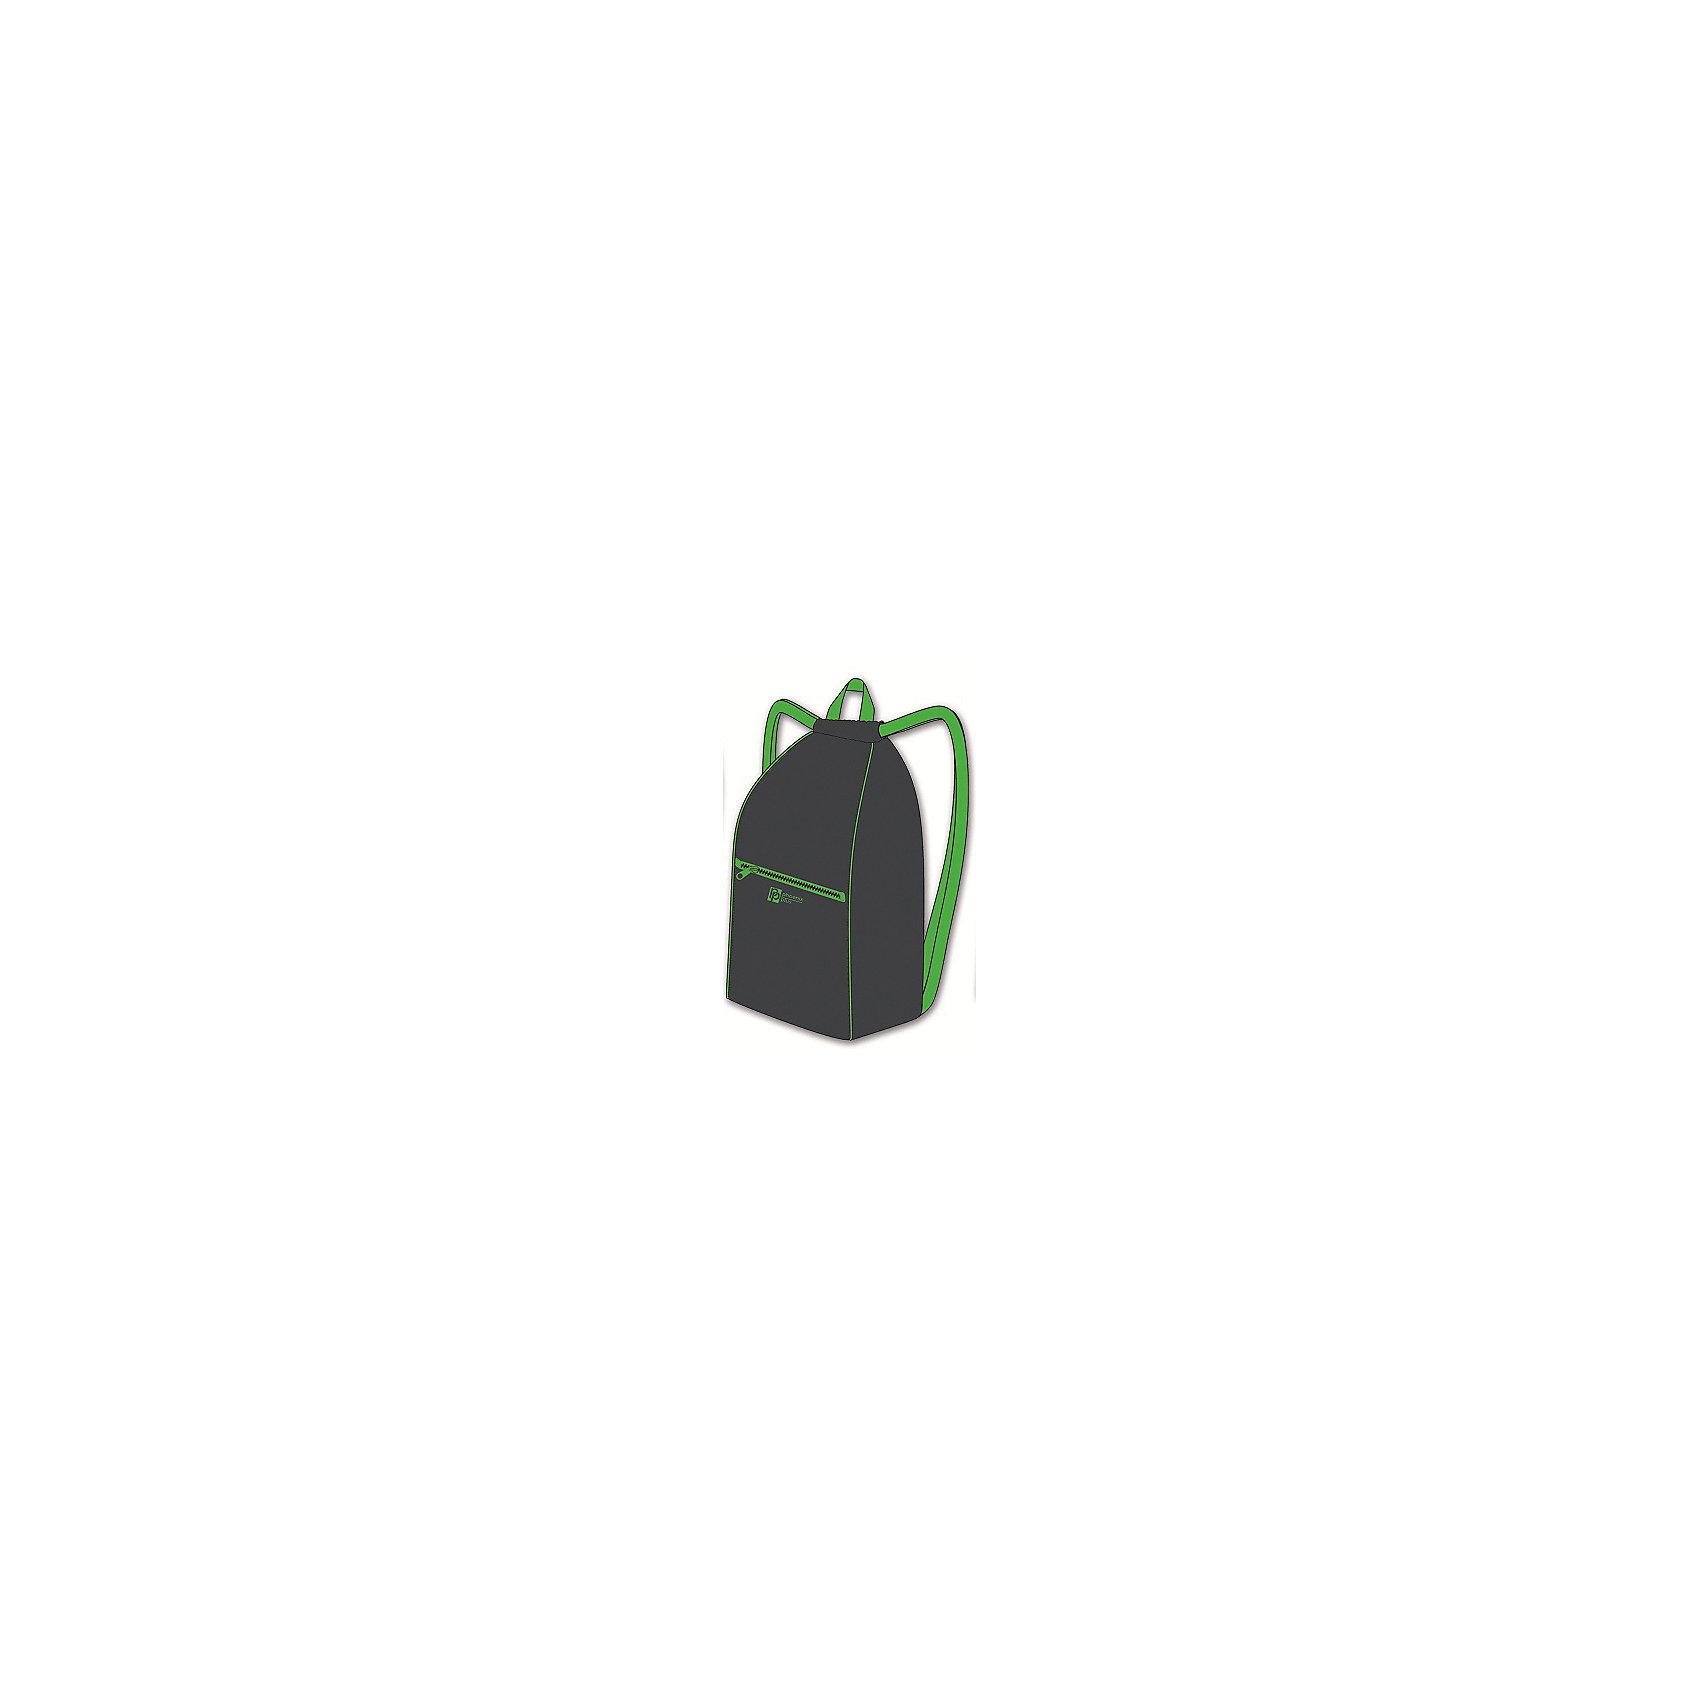 Рюкзак-мешок Феникс+, серыйРюкзаки<br>Рюкзак-мешок СЕРЫЙ (52х34х22см, полиэстер-жаккард плотн. 1680D, объемный карман на молнии, цв. фотоотраж. эл-ты, ручка-петля, плотные лямки)<br><br>Ширина мм: 520<br>Глубина мм: 340<br>Высота мм: 22<br>Вес г: 275<br>Возраст от месяцев: 72<br>Возраст до месяцев: 2147483647<br>Пол: Унисекс<br>Возраст: Детский<br>SKU: 7046436